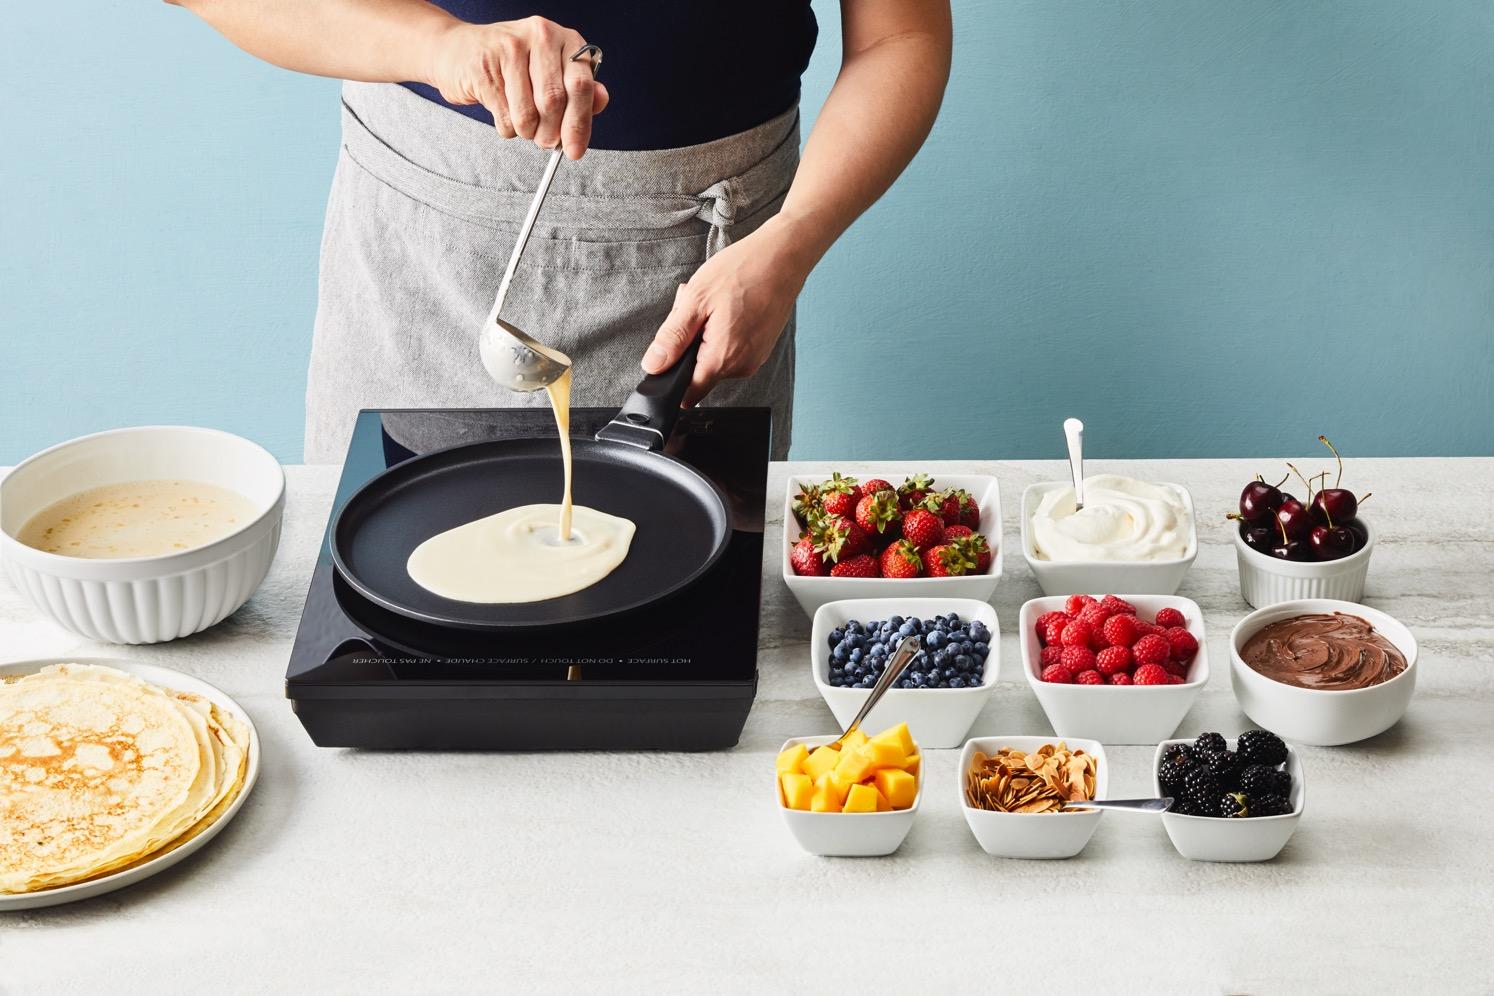 Brian making pancakes